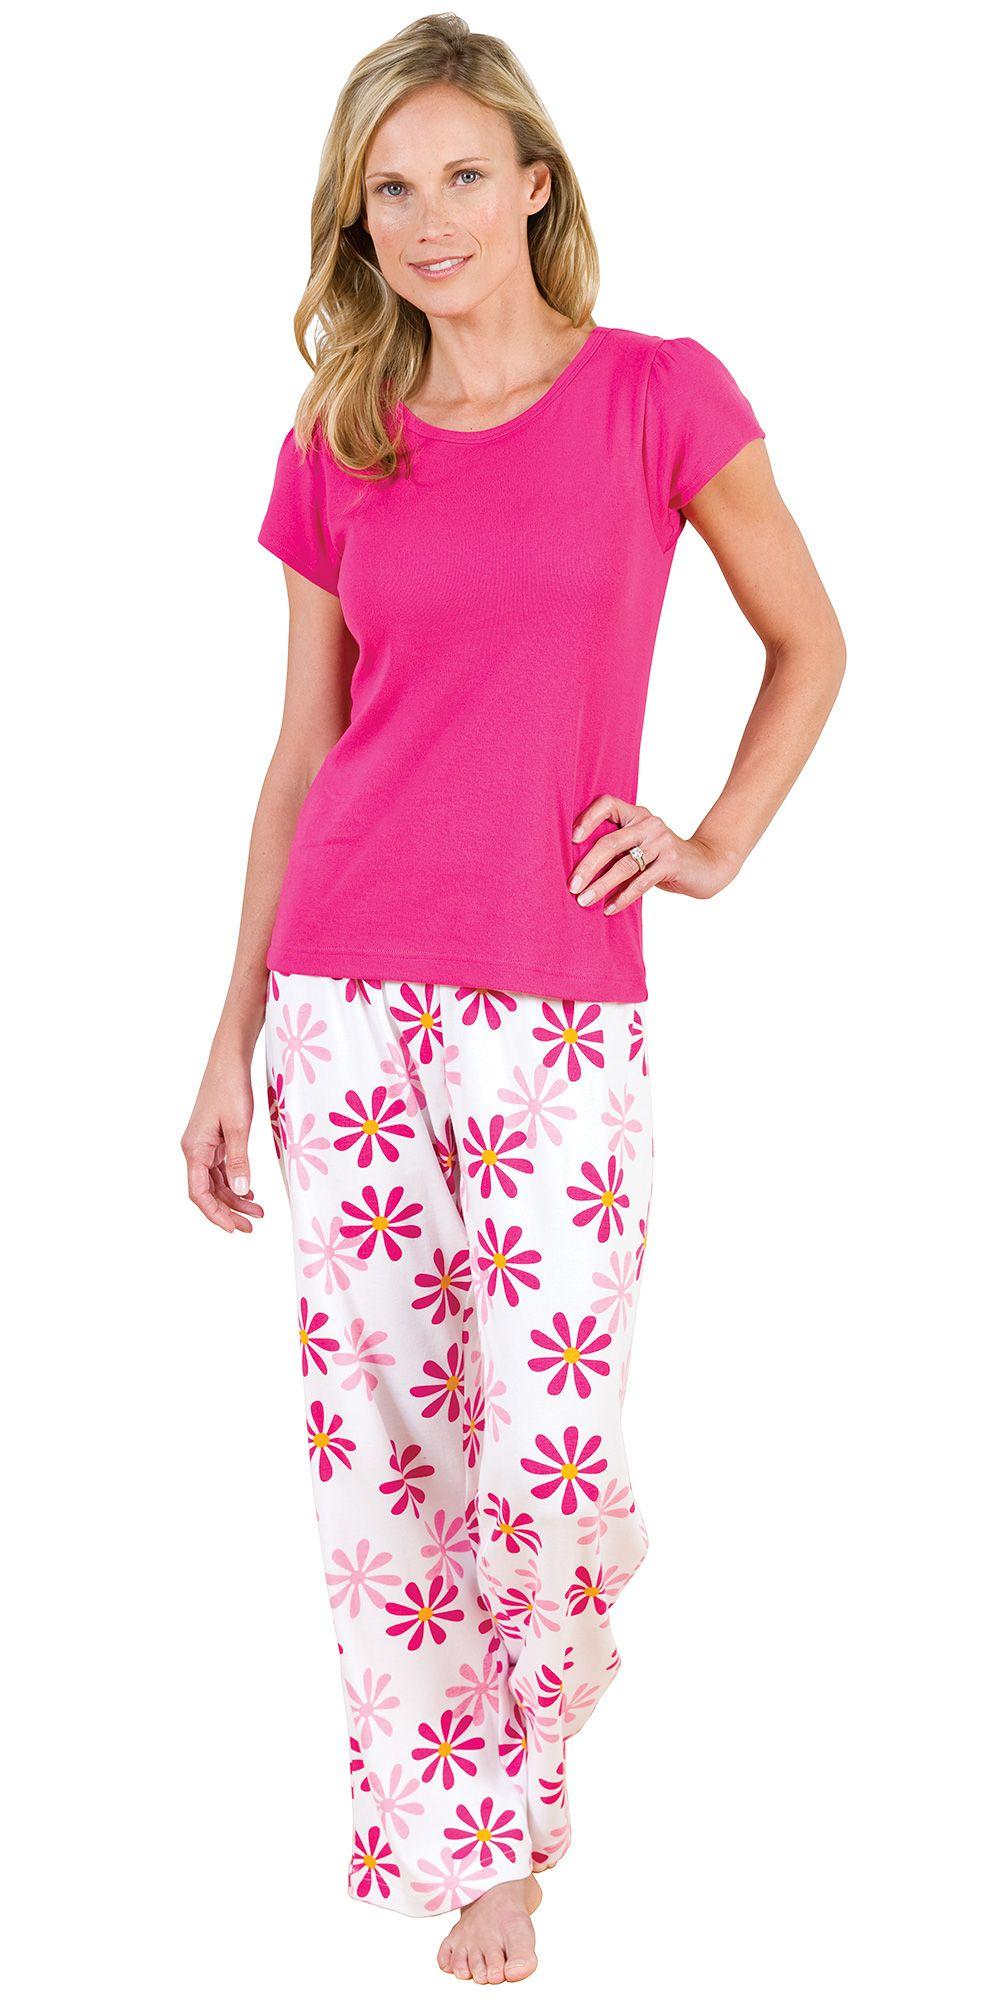 f6cd7e6732 Fuchsia Daisy TJs for Women - Pajamas from PajamaGram.  55.99  Daisy   Pajamas